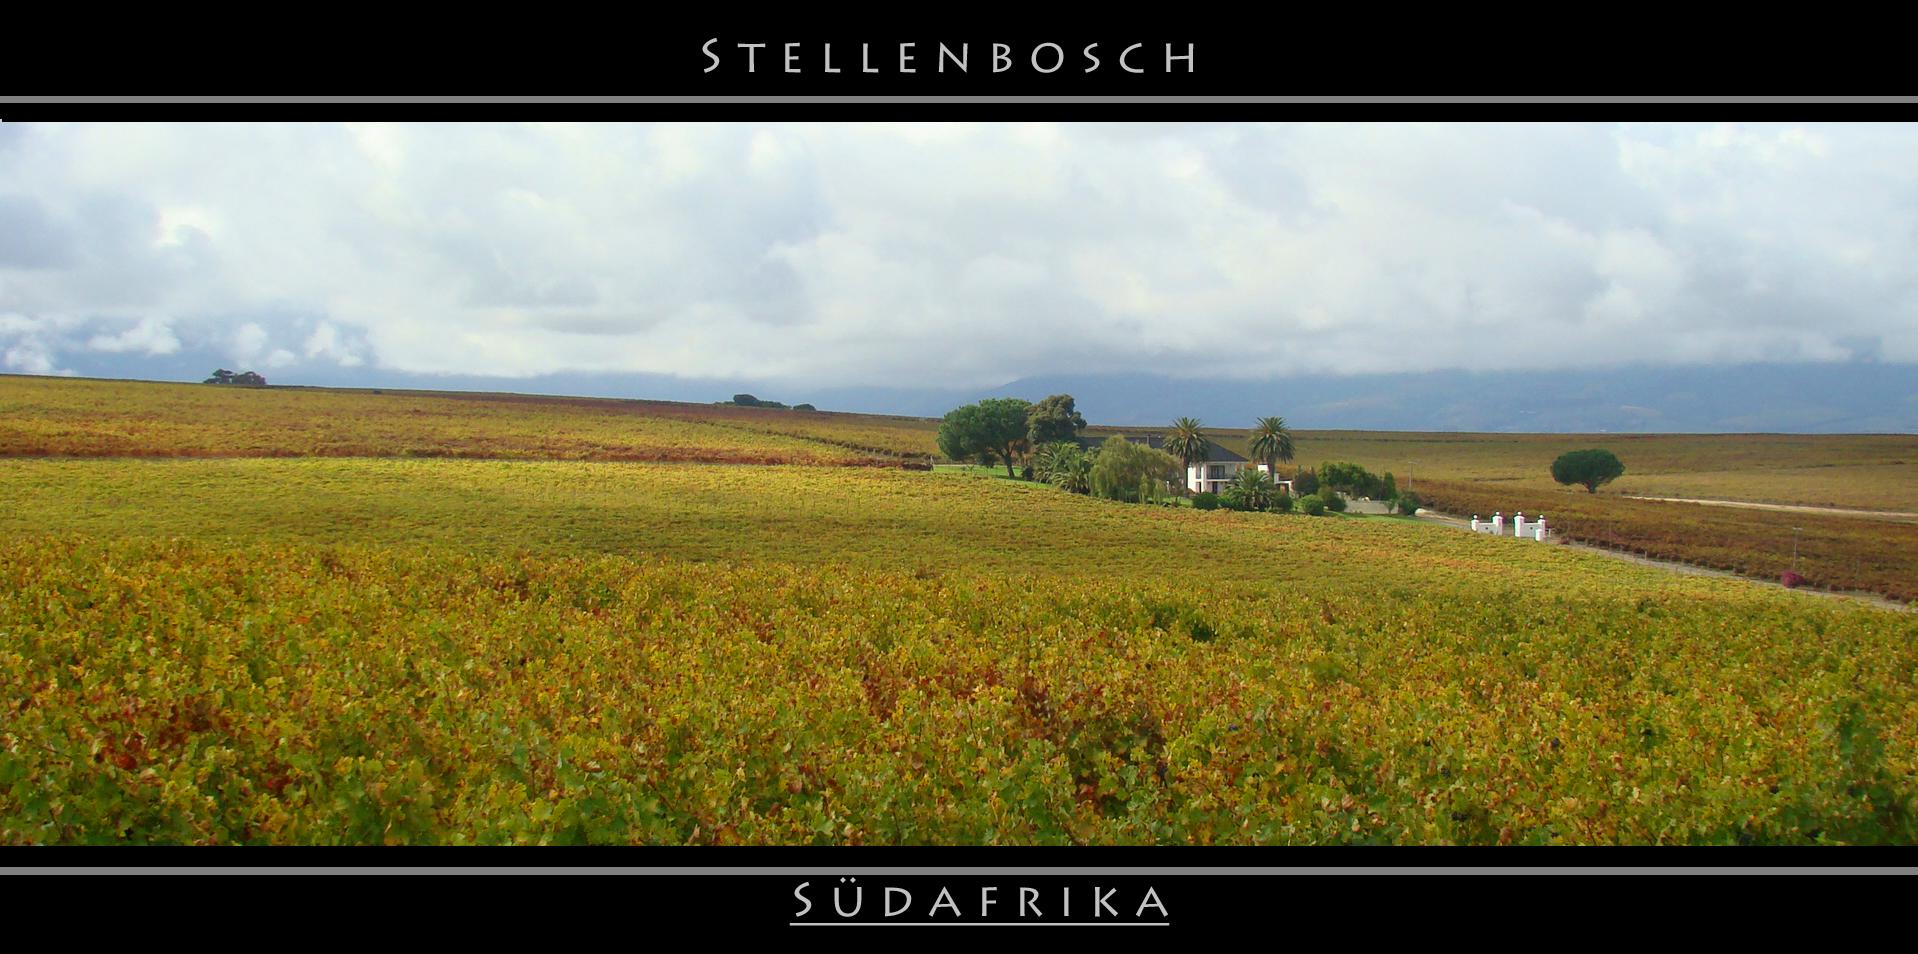 Die Weinberge von Stellenbosch